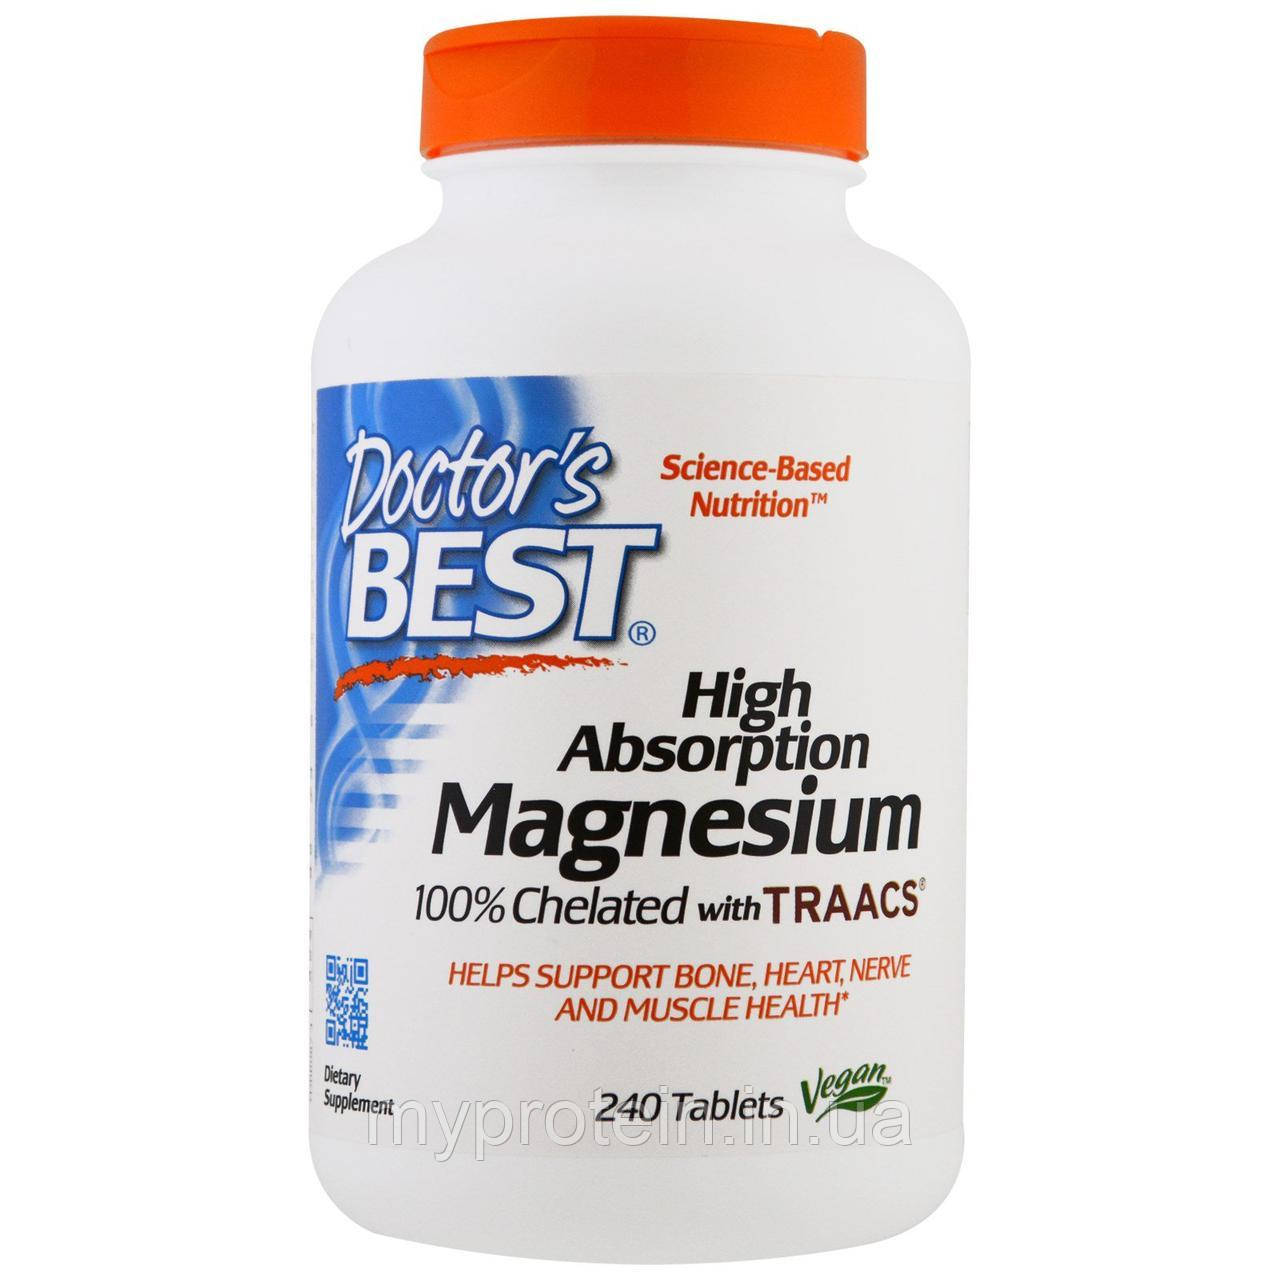 Doctor's BEST Магний повышенной усвояемости, 100% хелат в форме Magnesium High Absorption 240 tabs